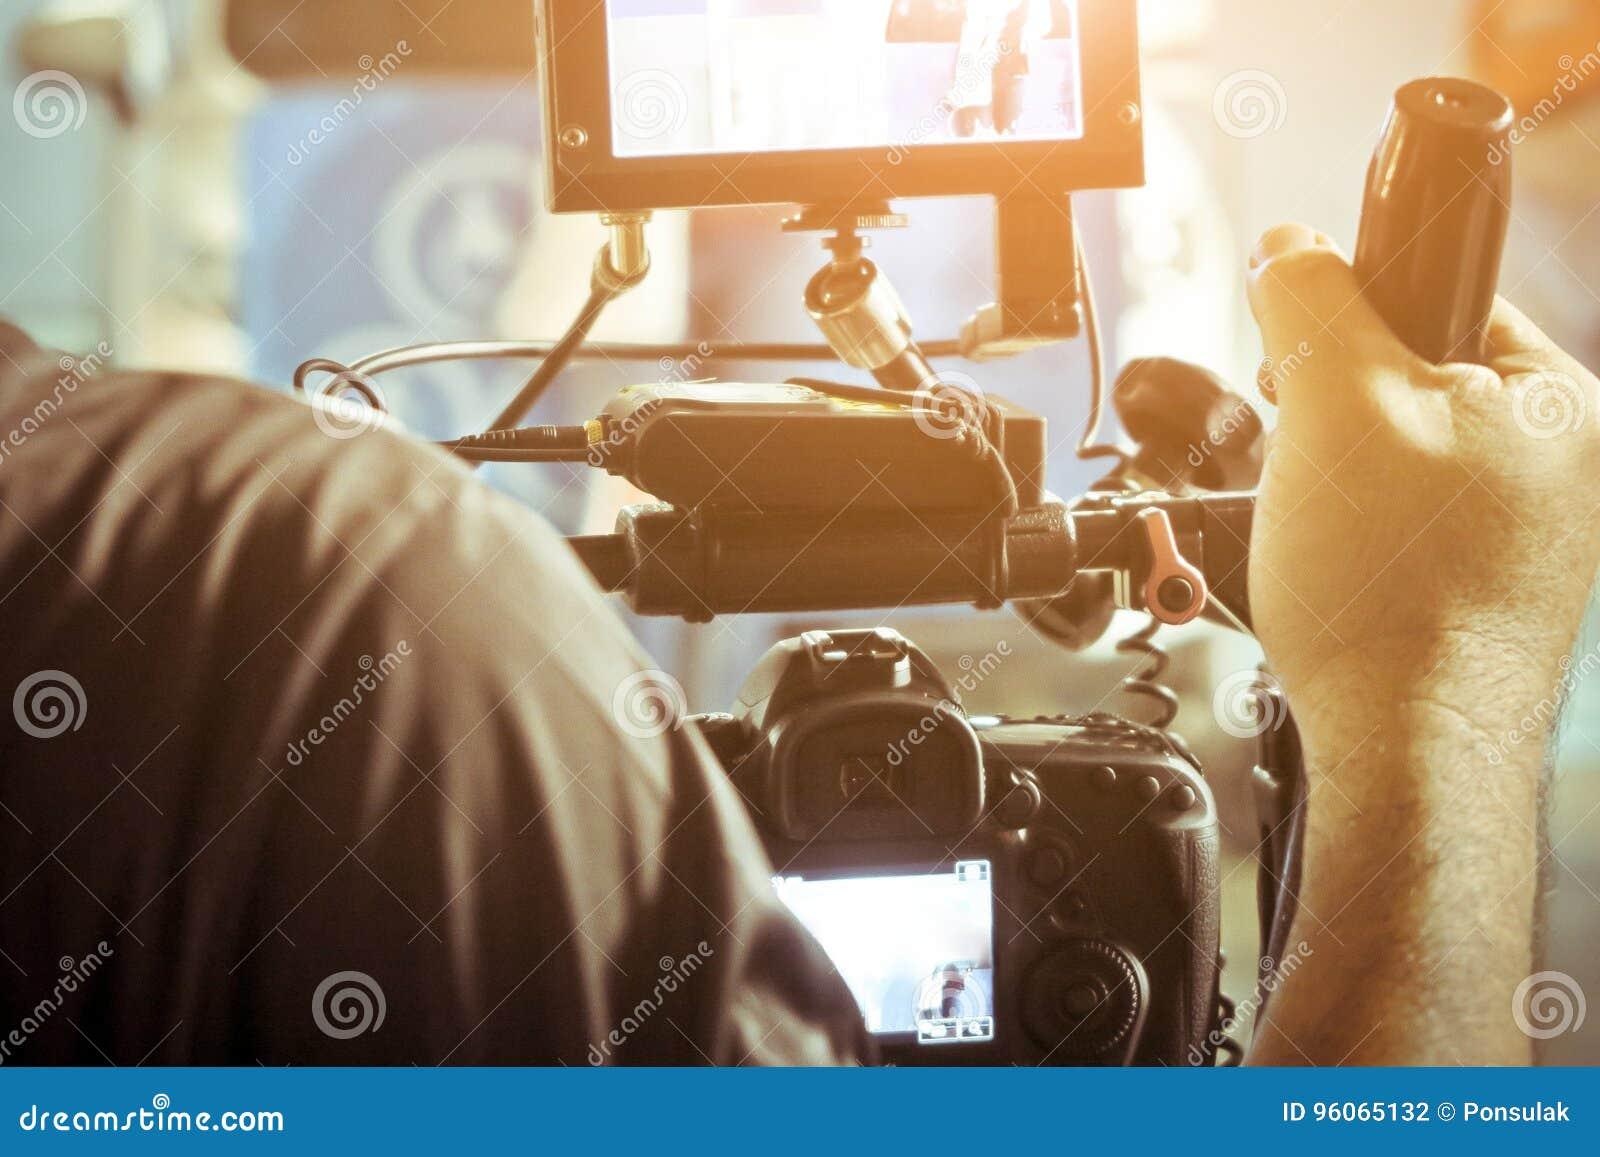 有他的摄象机射击的摄影师